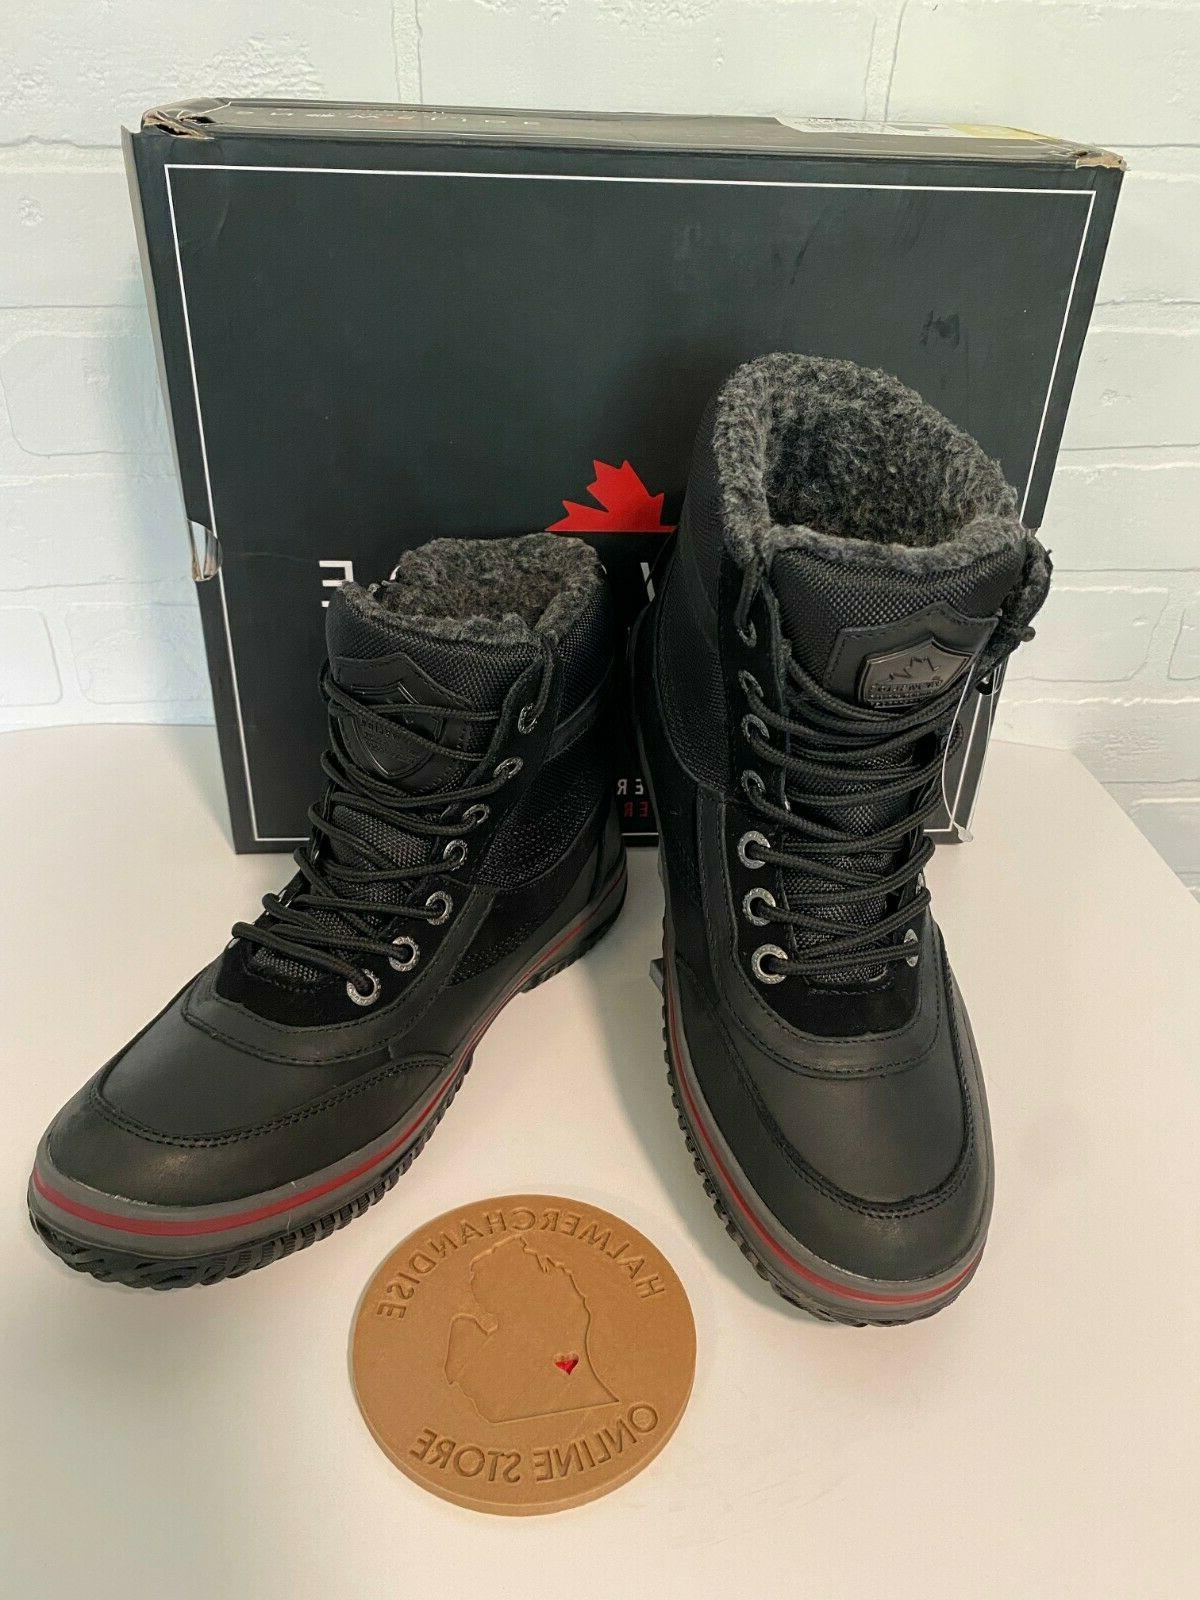 Pajar Waterproof Boots -22F BLACK NEW